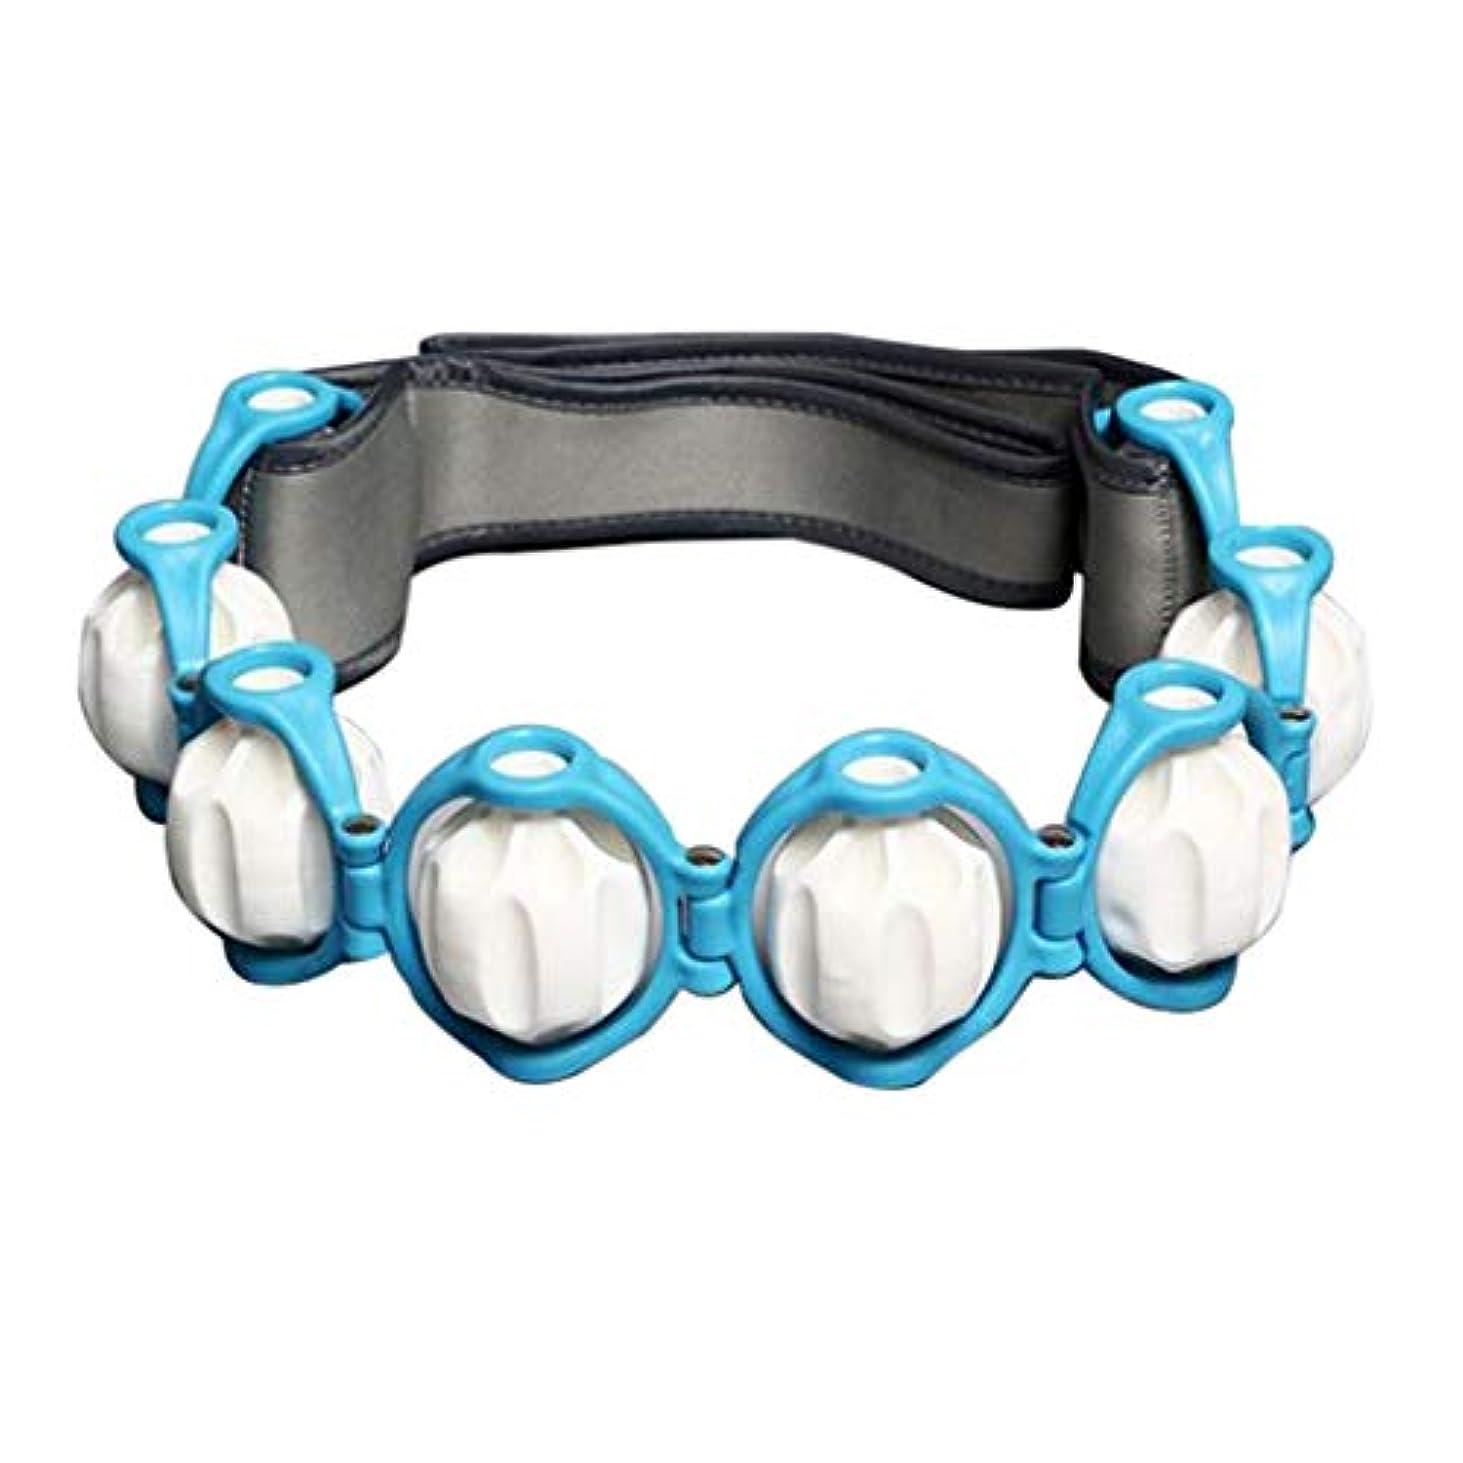 滅多海峡ひも里親Hellery フルボディ - 多機能 - 痛みを軽減するためのハンドヘルドマッサージローラーロープ - 青, 説明したように